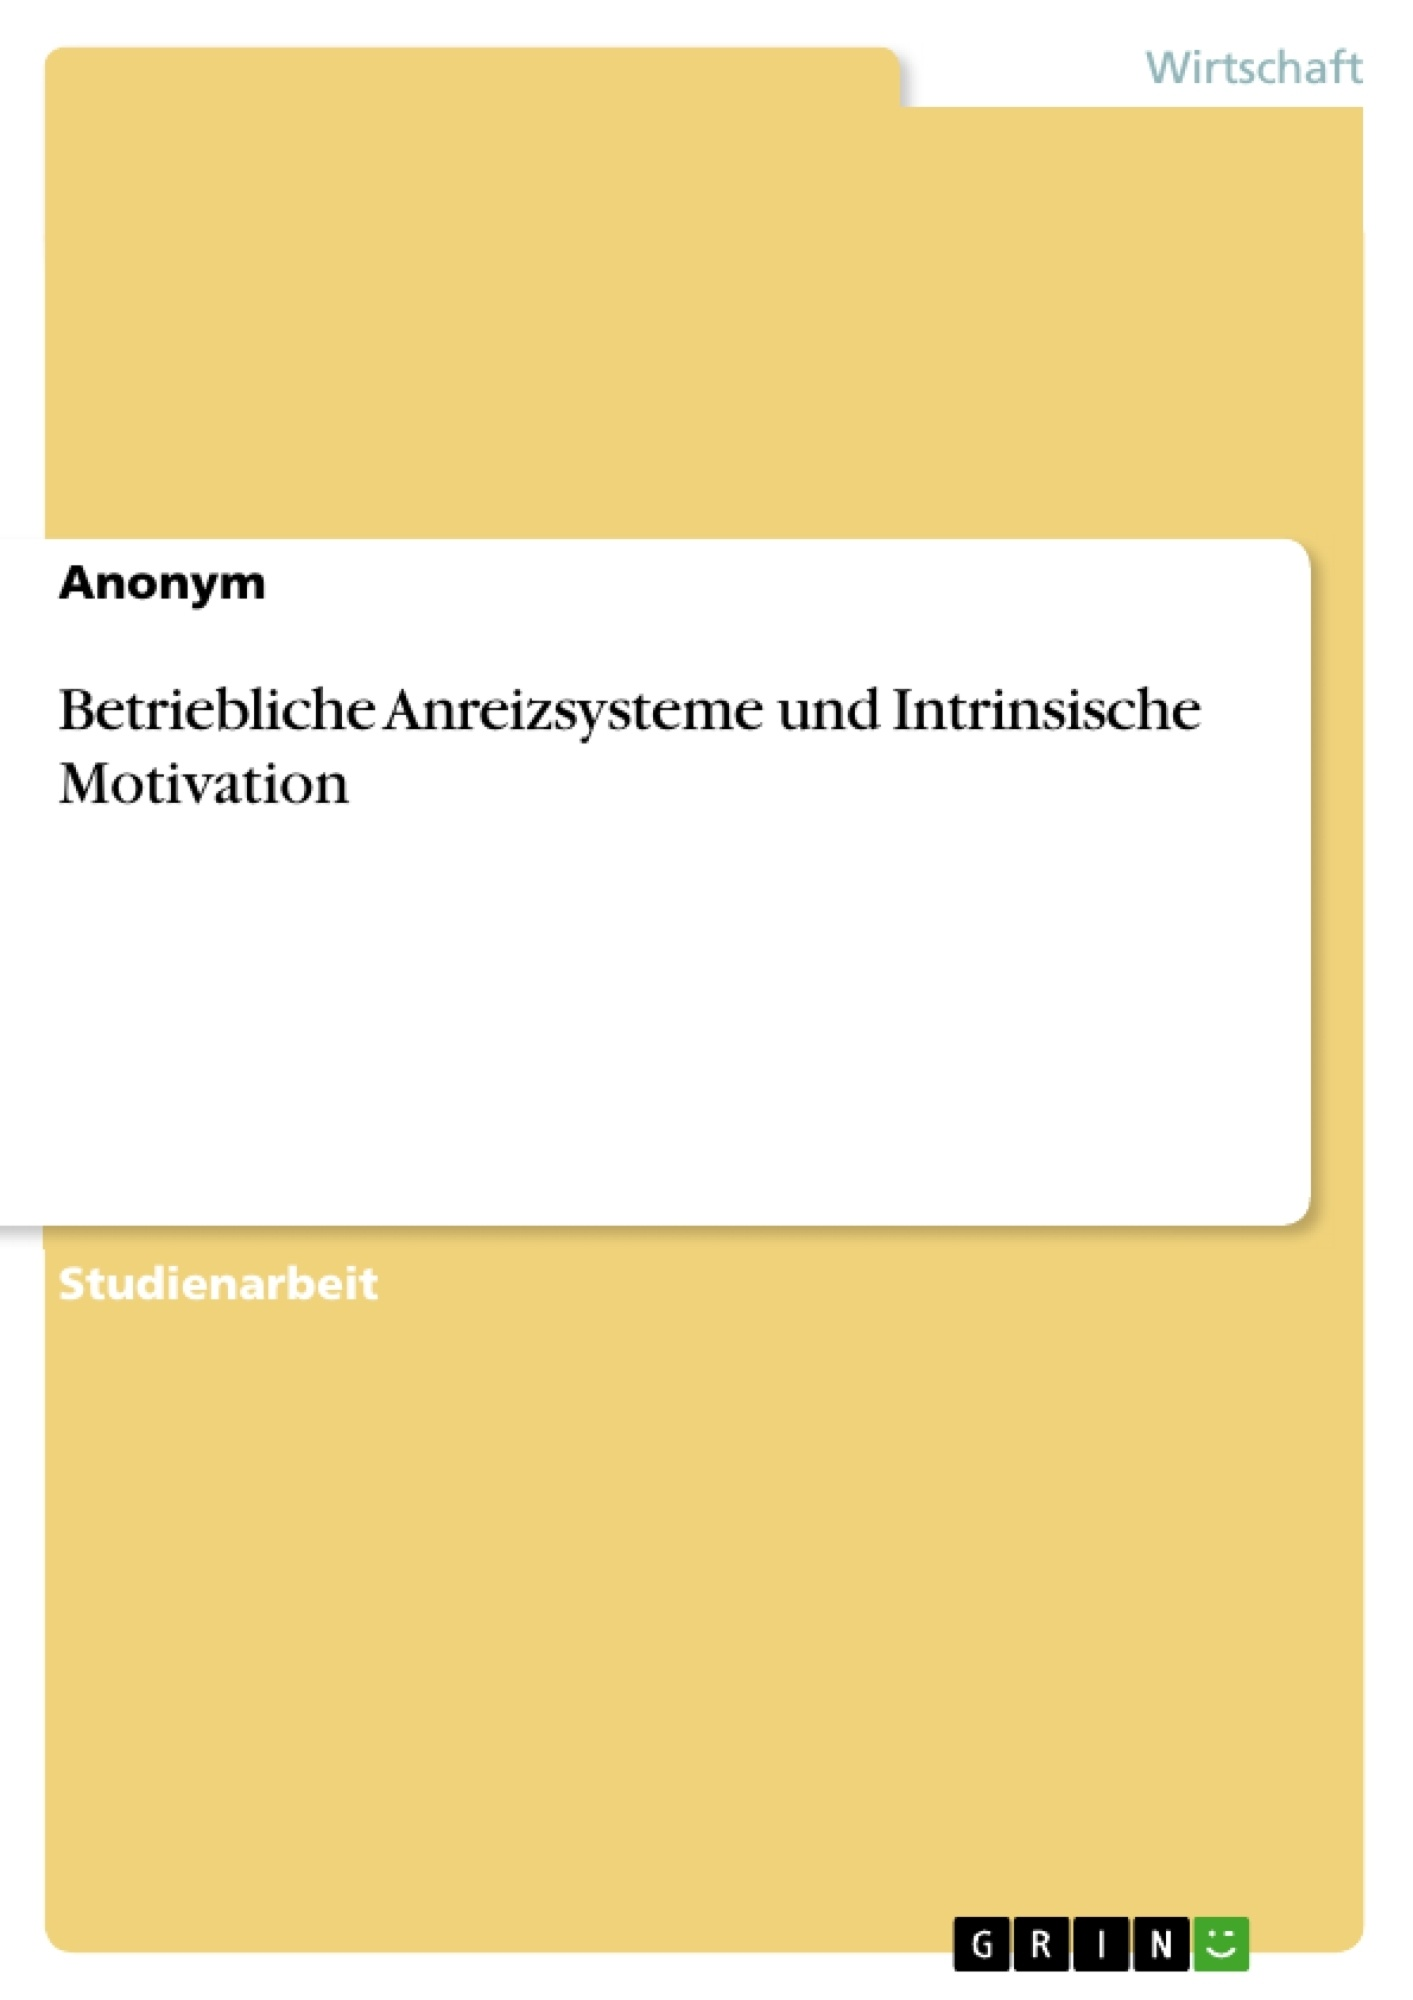 Titel: Betriebliche Anreizsysteme und Intrinsische Motivation